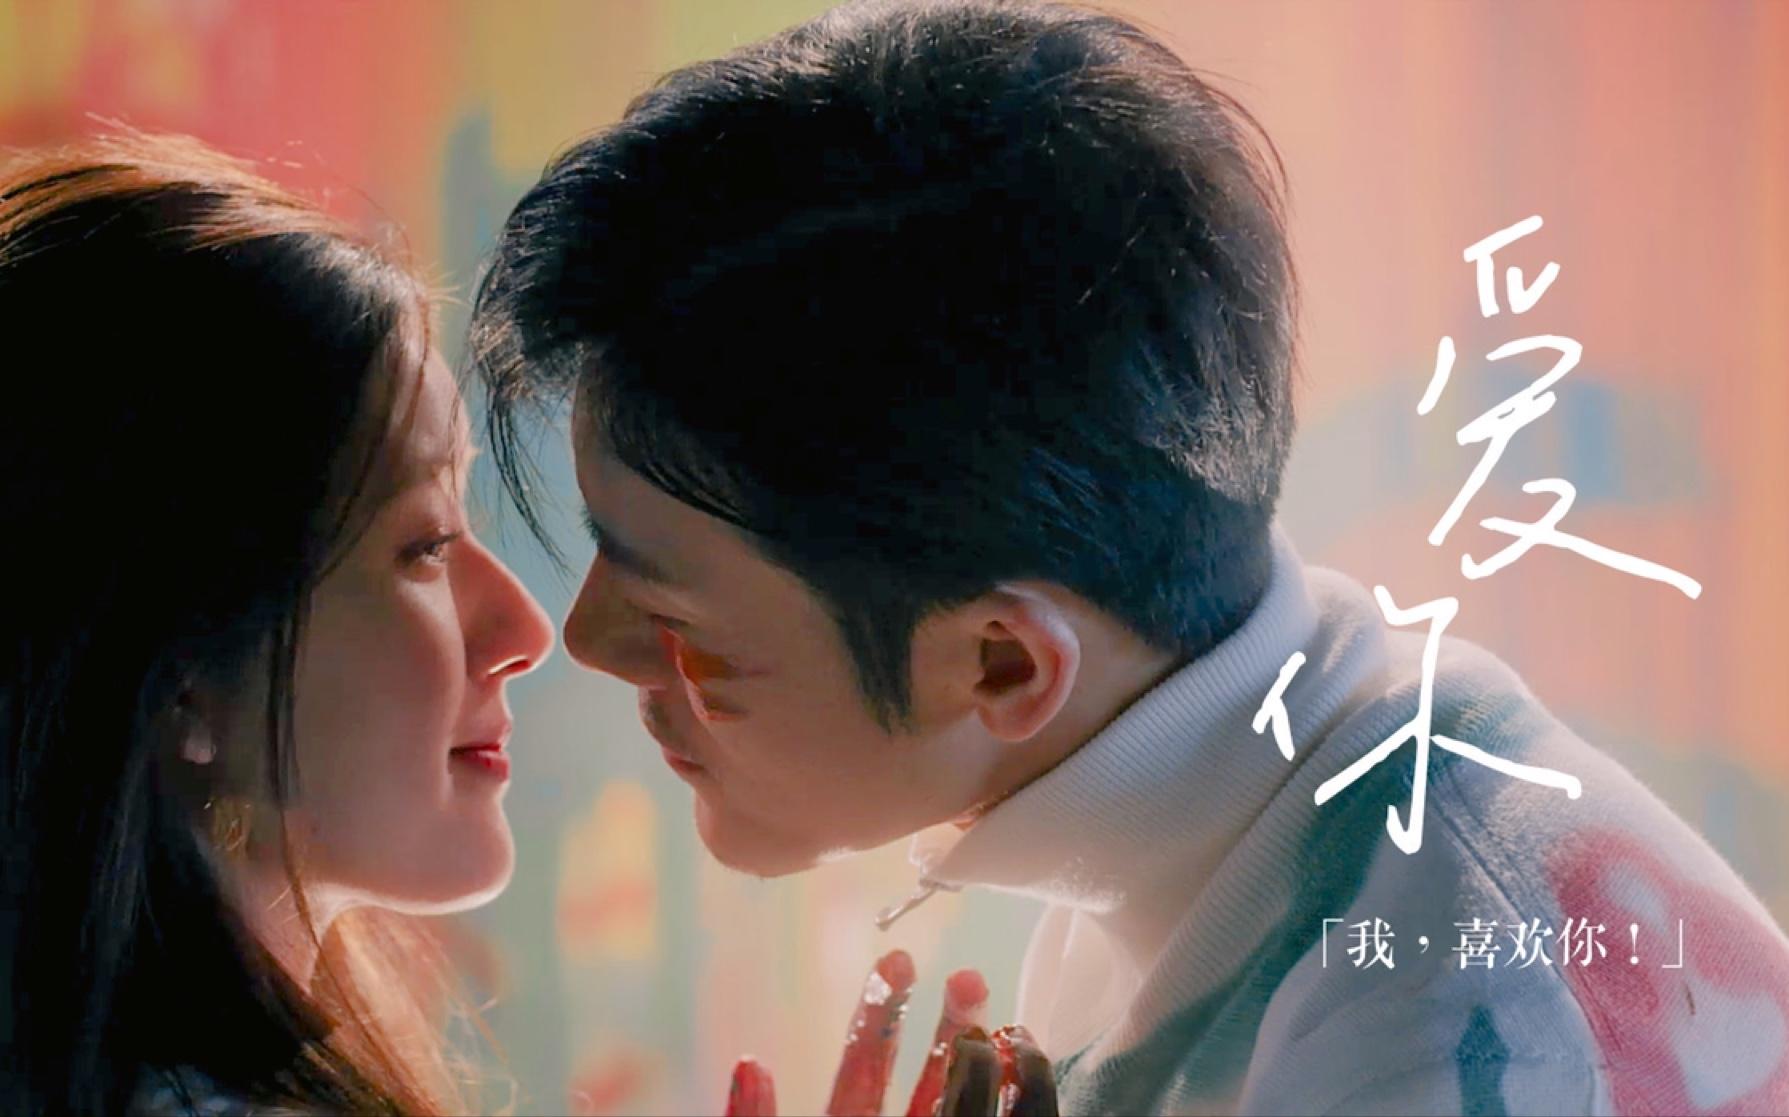 """Triệu Lộ Tư lộ cằm mỡ, mặt lấm tấm mụn gây tranh cãi trong phim """"Yêu Em Từ Dạ Dày"""" - Ảnh 4"""